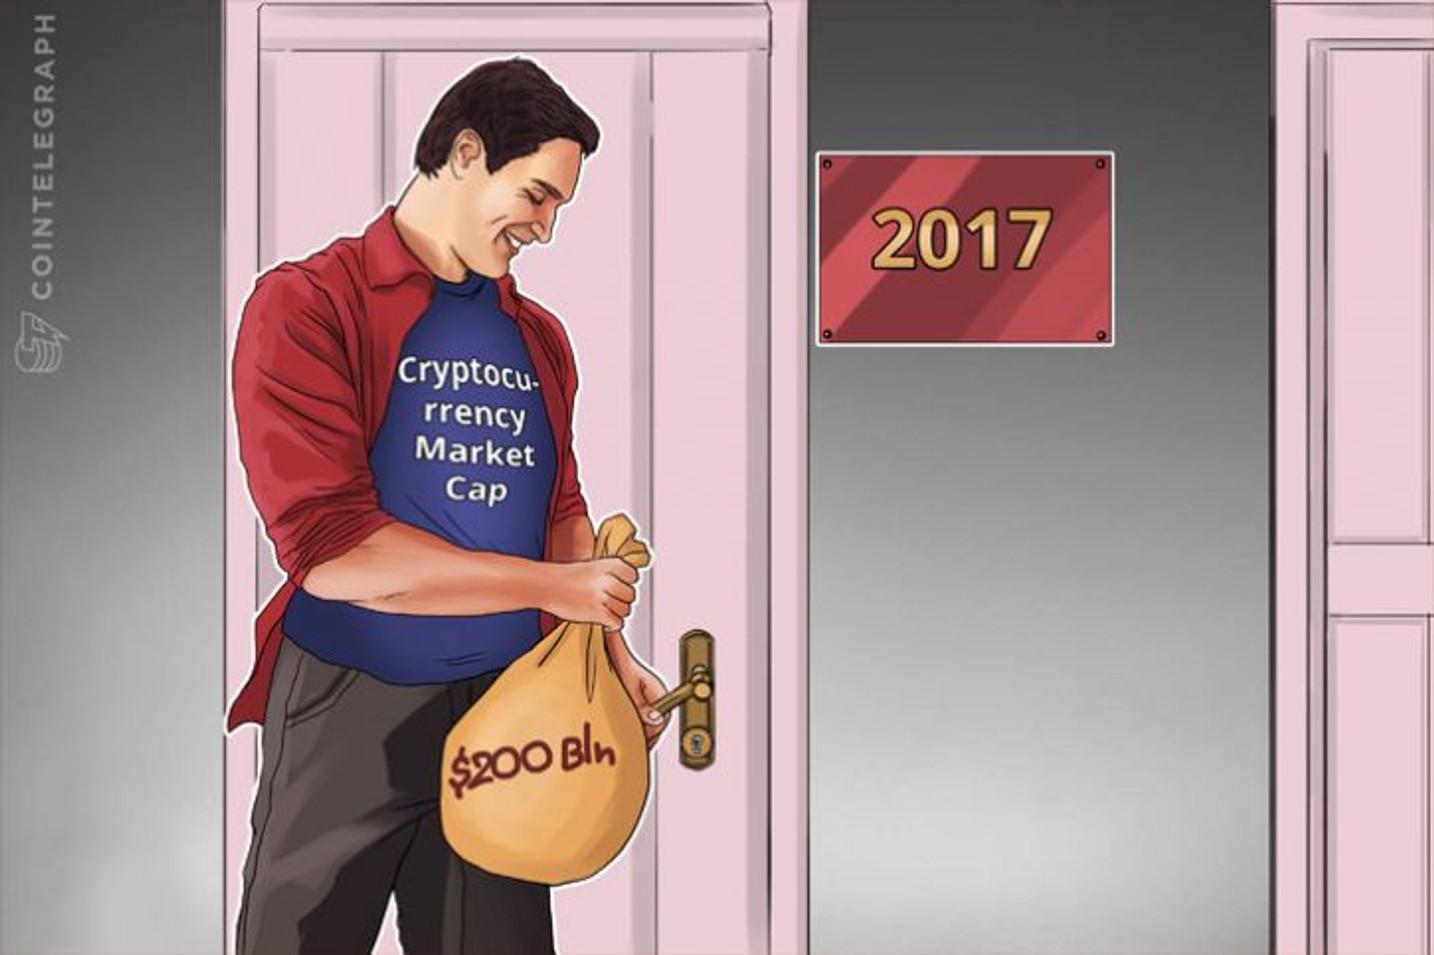 暗号通貨の市場規模が2017年終わりまでに2,000億ドルを突破する可能性